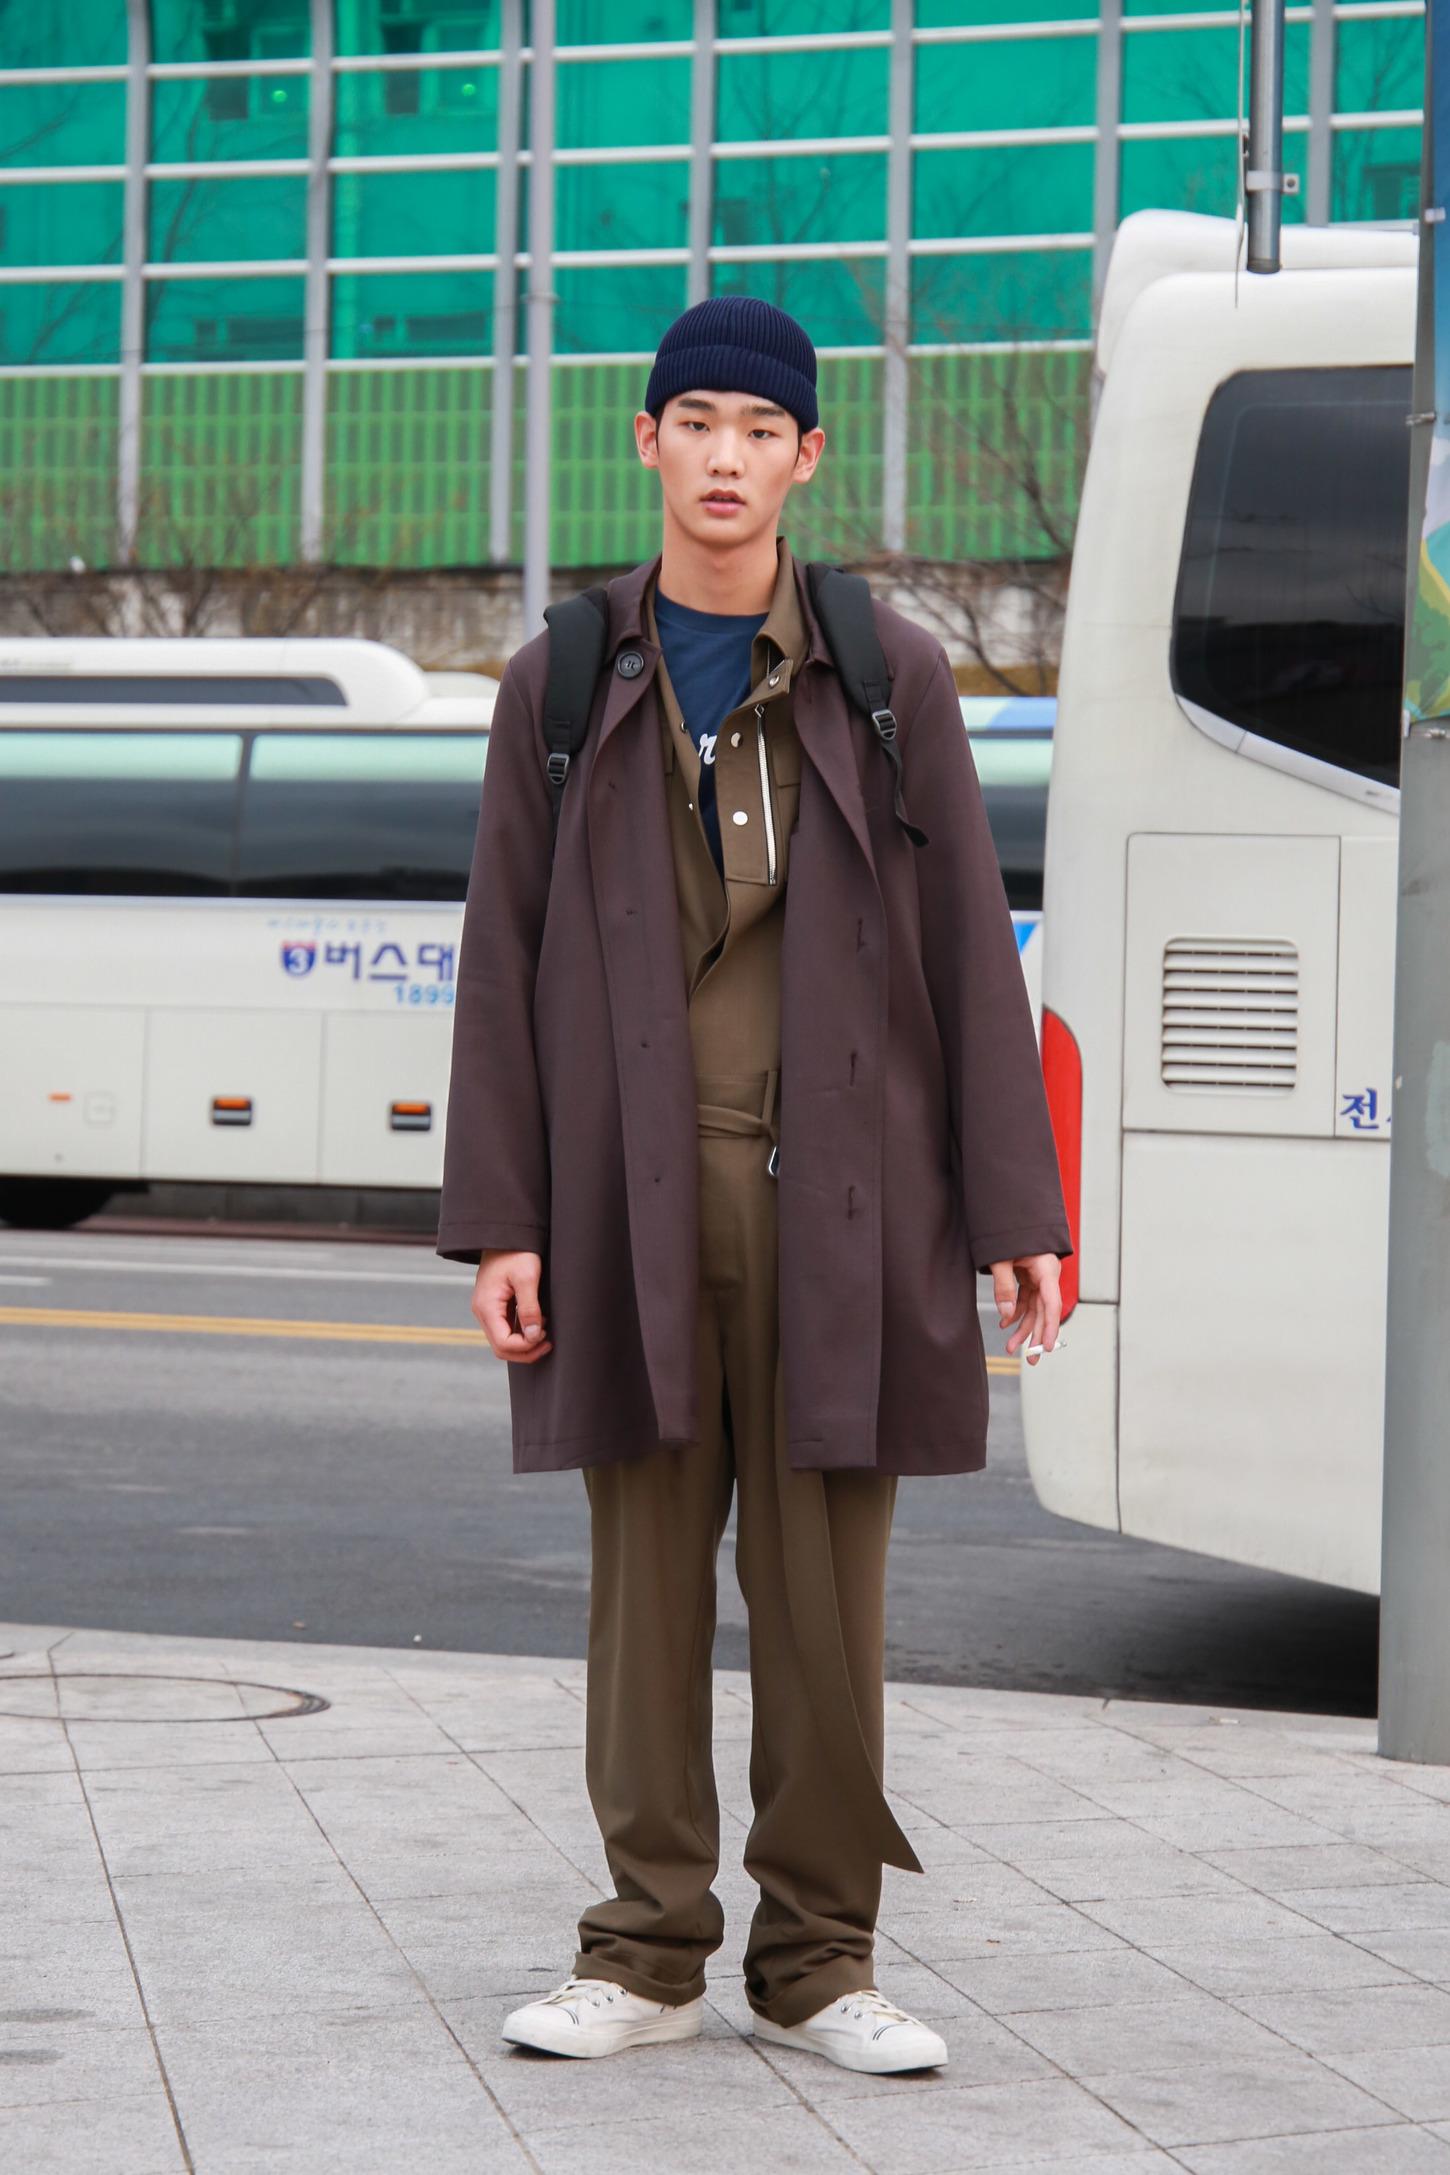 LEE HEE Soo